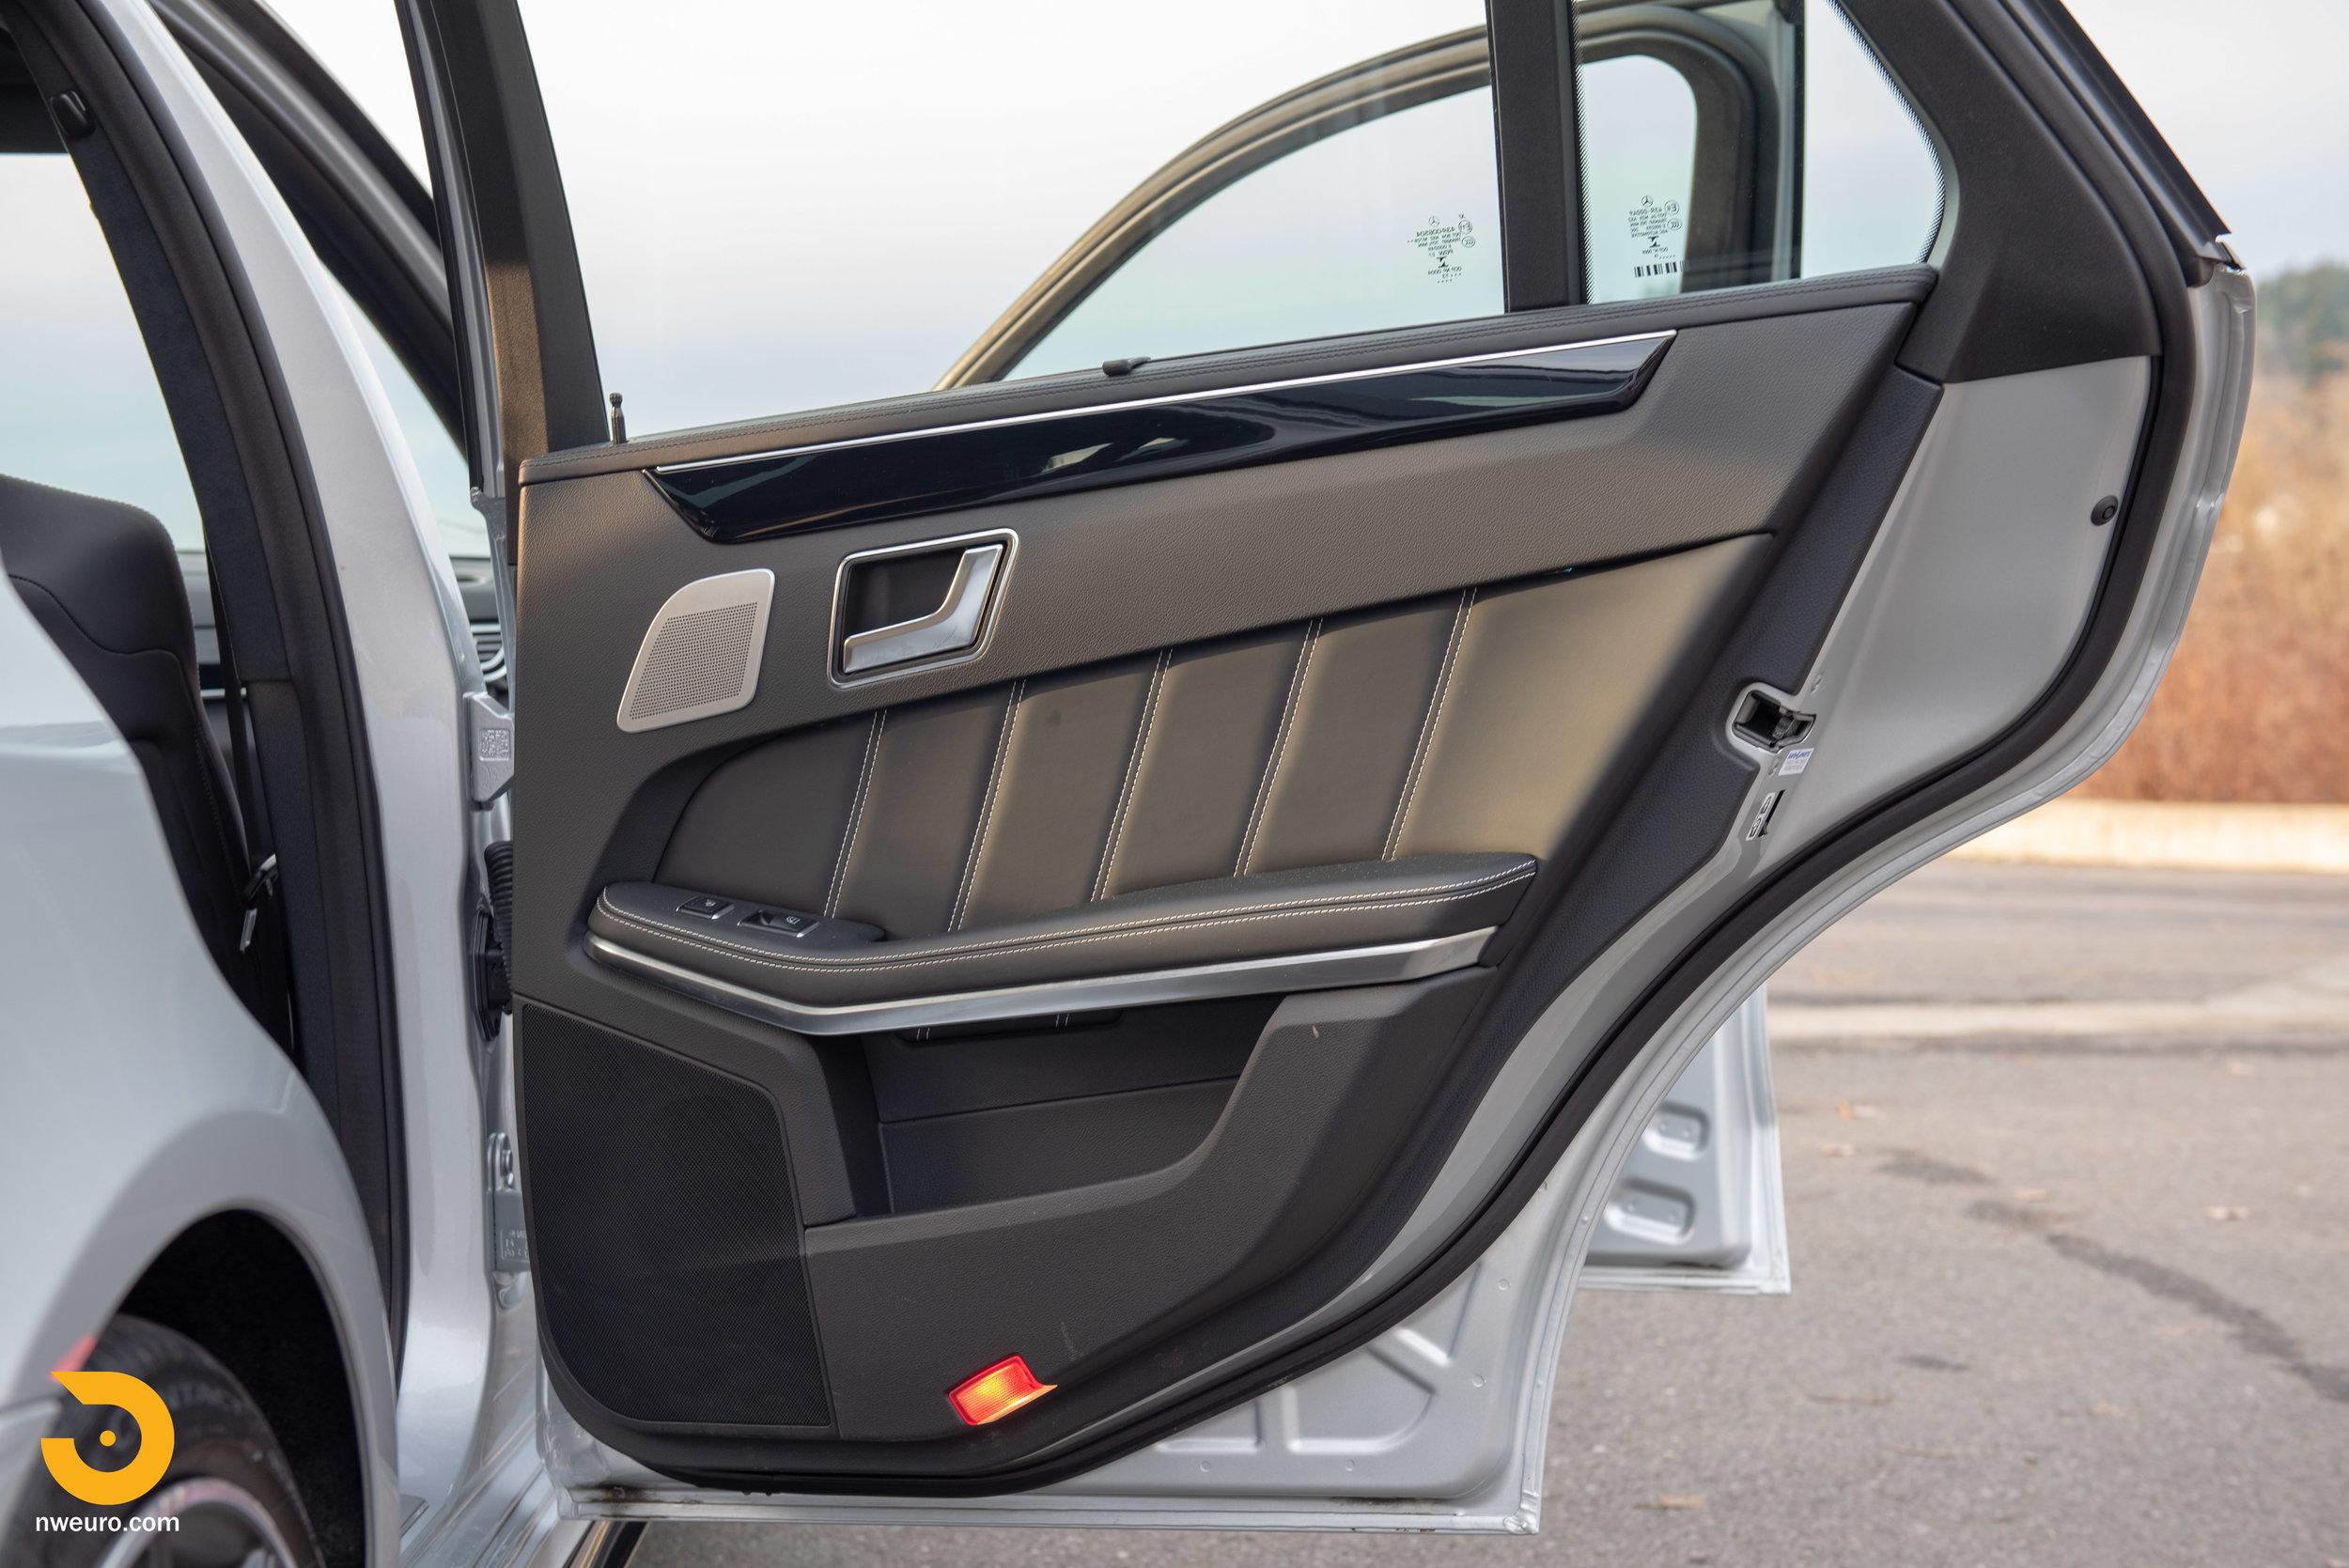 2016 Mercedes-Benz E63S Wagon-23.jpg